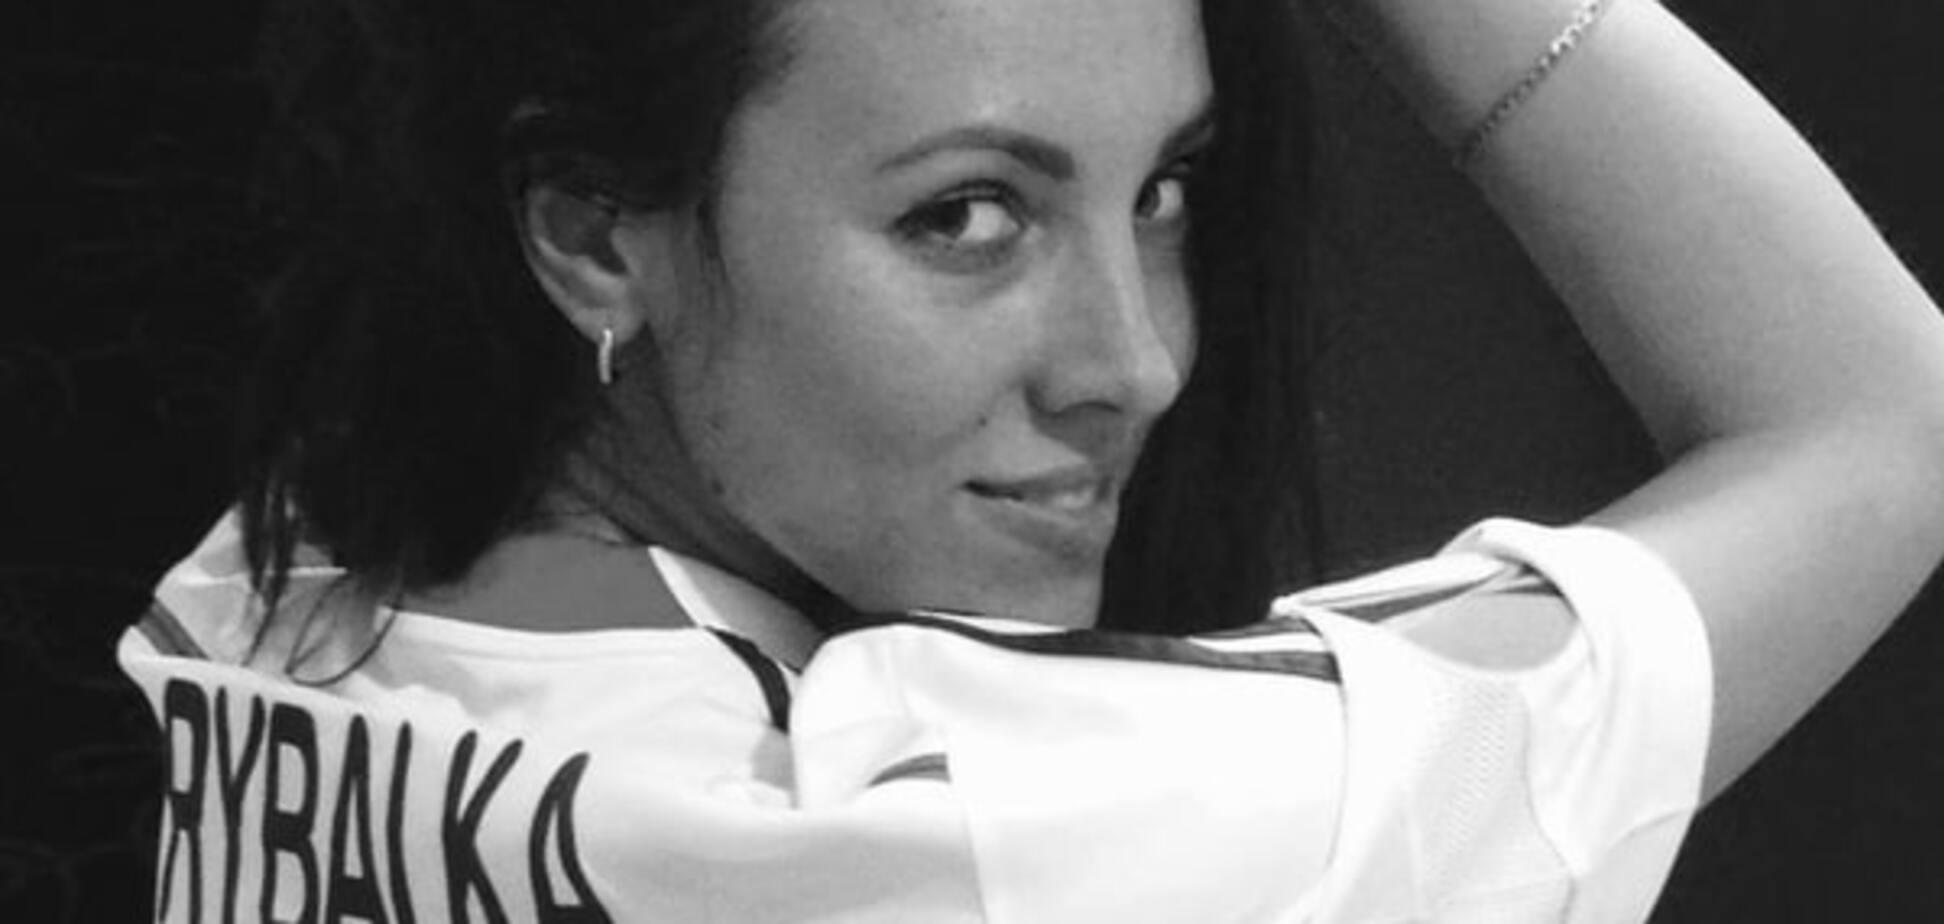 Конкуренція у красунь зростає: сестра відомого футболіста стала копом у Харкові. Фотофакт